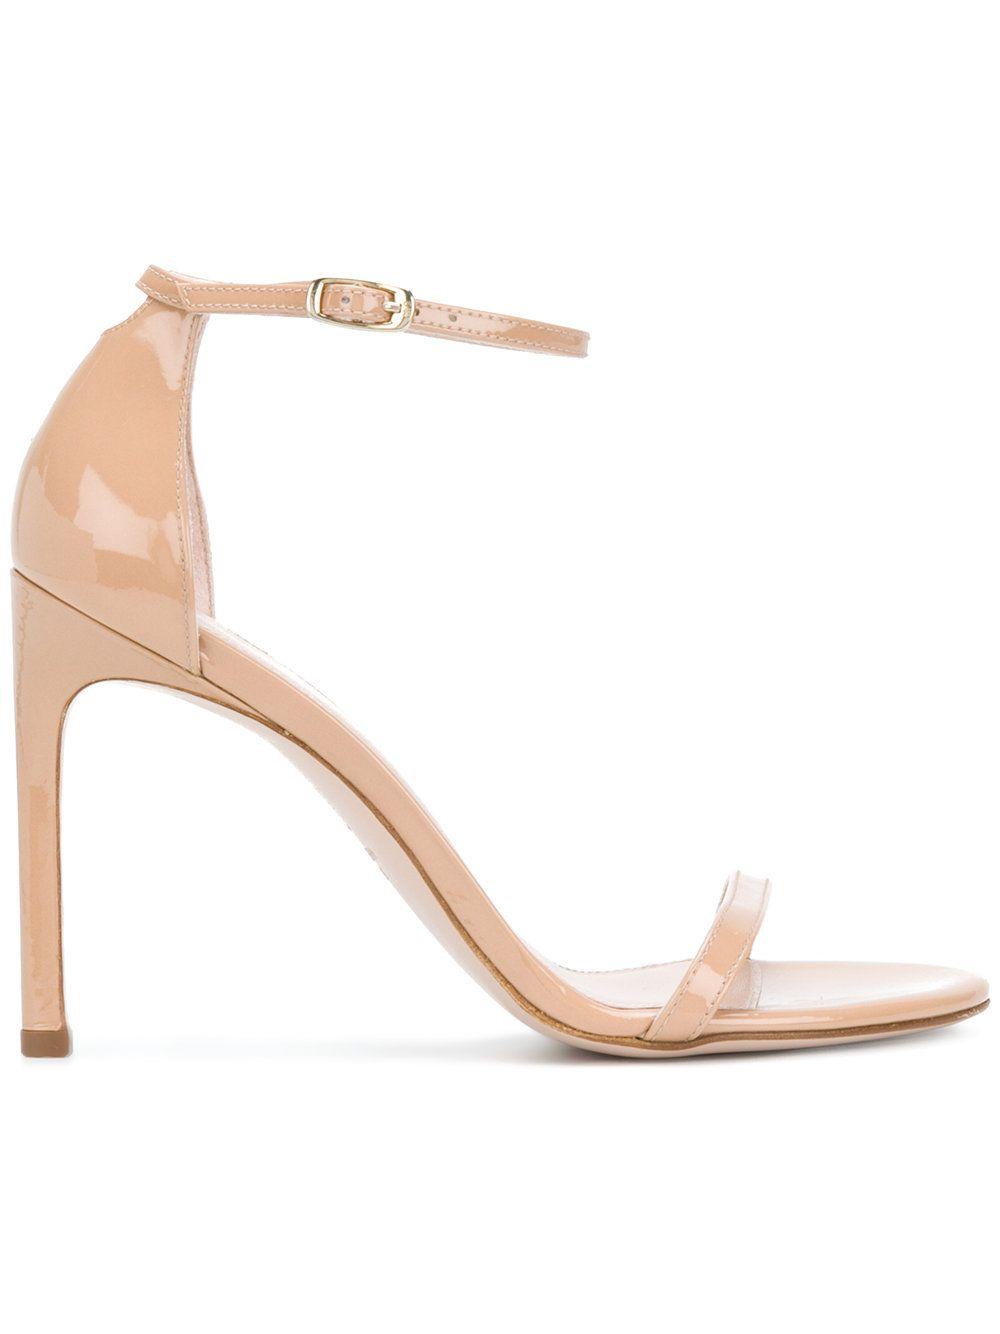 strap sandals - Nude & Neutrals Stuart Weitzman ESNUyIo